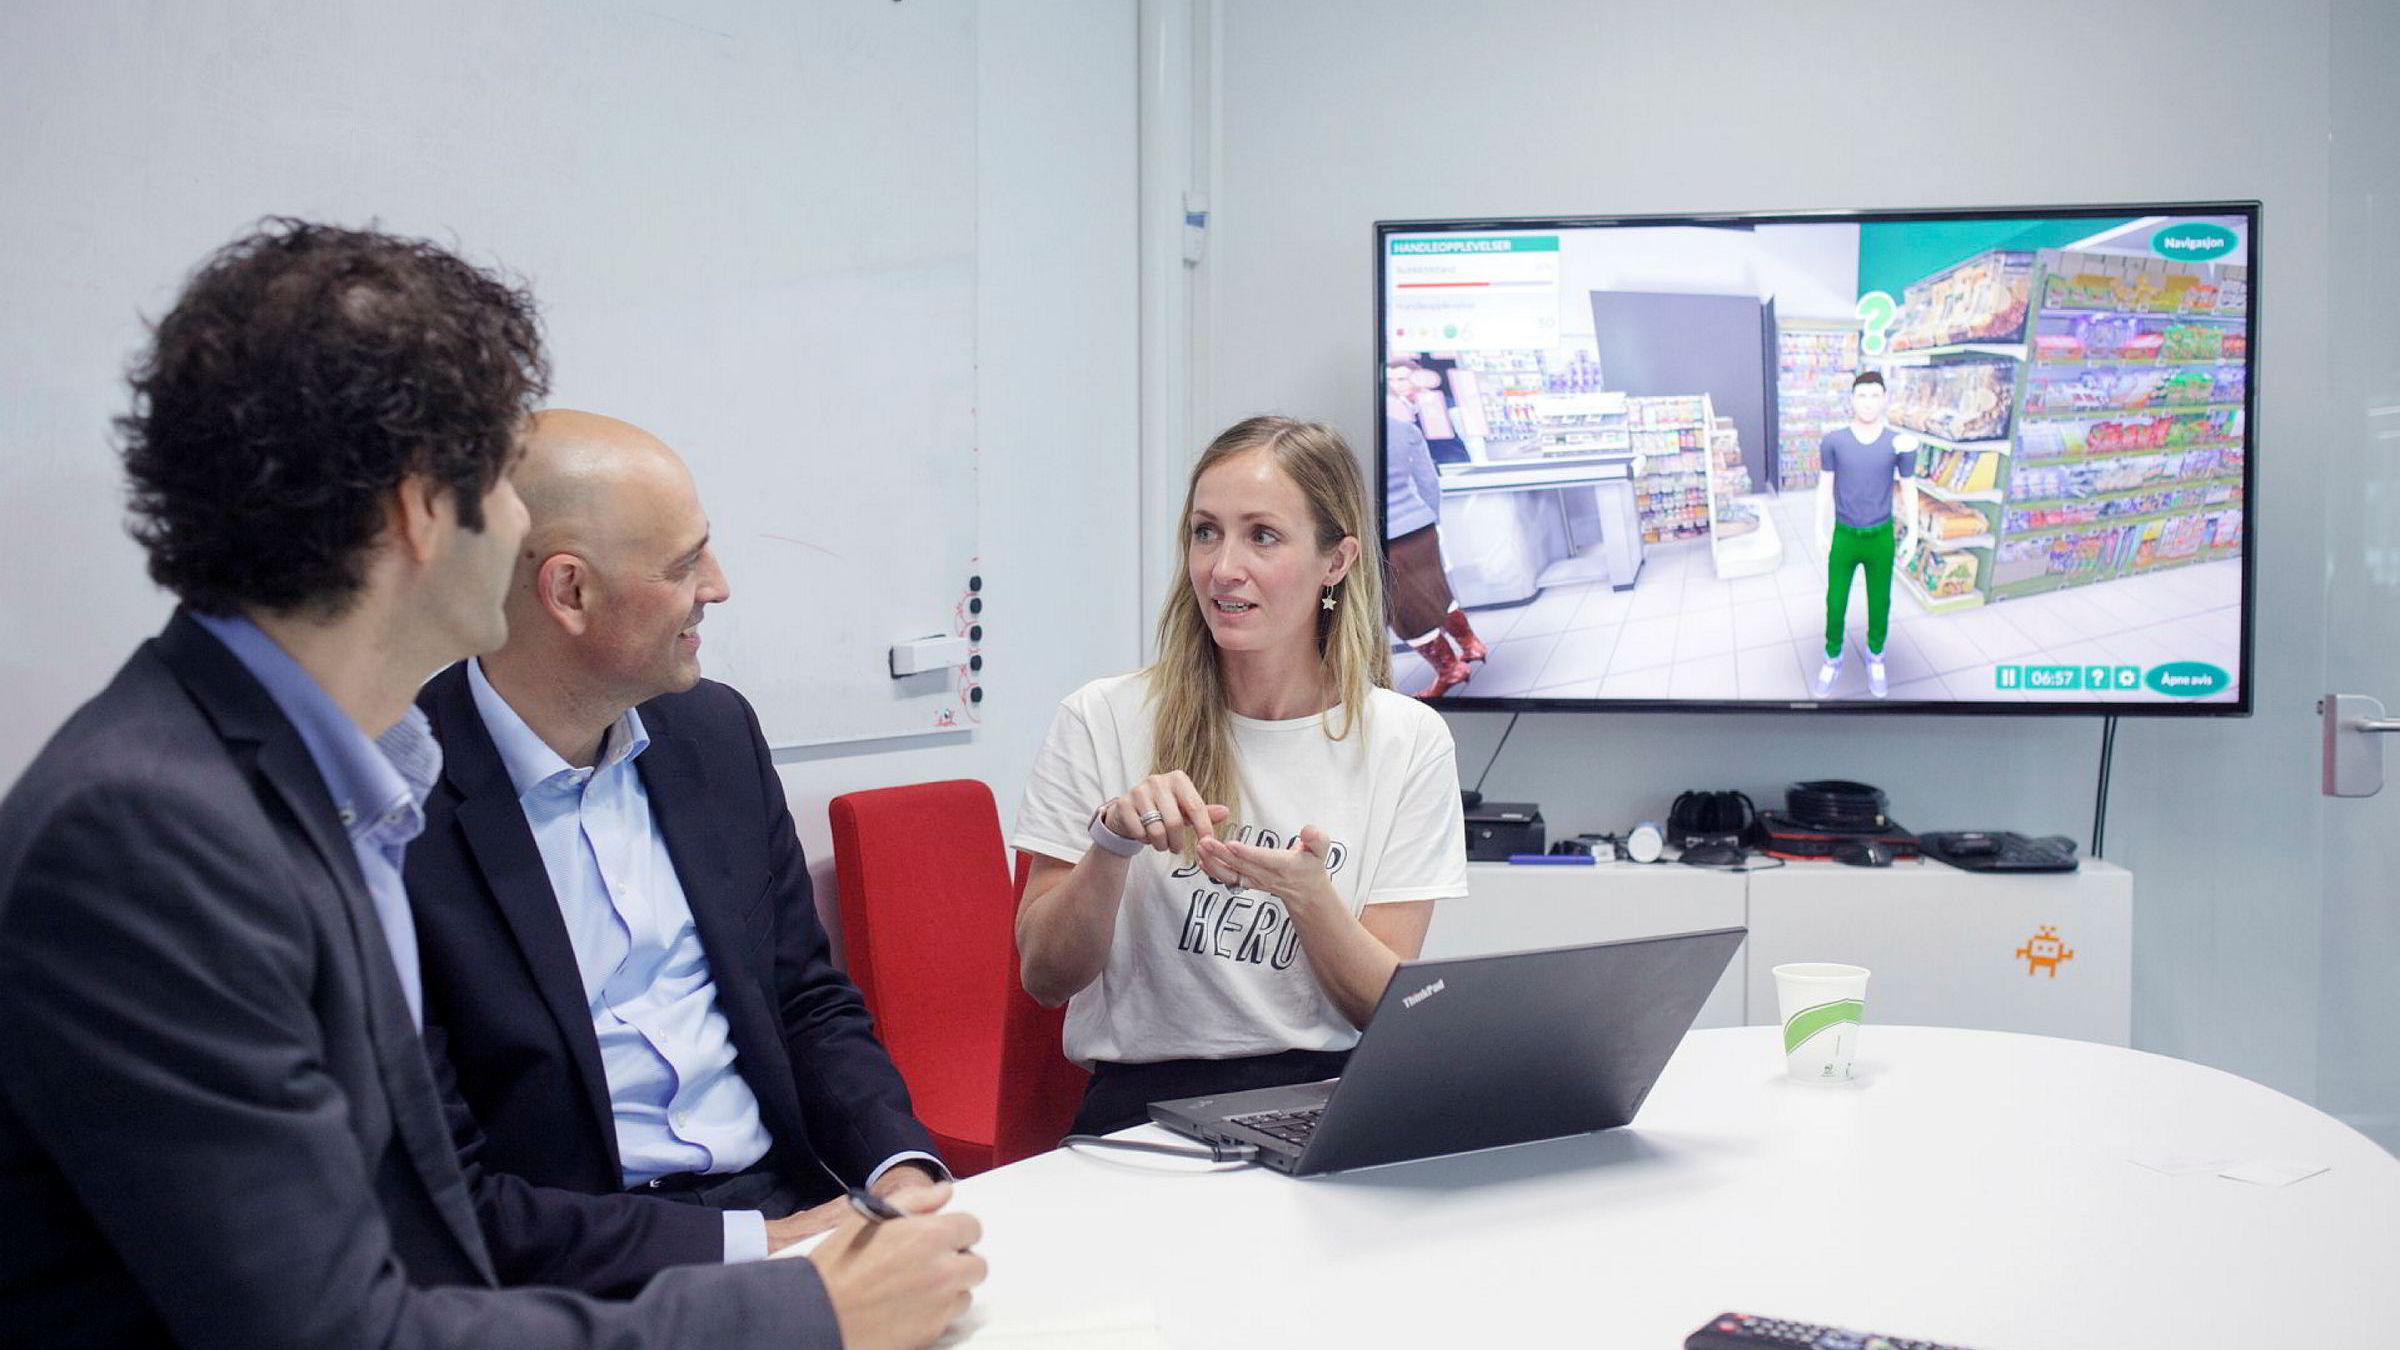 Anne Lise Waal (t.h) er administrerende direktør og teknologidirektør i Attensi, og mener det er spesielt bra at kåringen av norske it-kvinner også tar for seg spesialistene. Her demonstrerer hun opplæring av butikkmedarbeidere gjennom et spill, med Eivind Bergmyr, partner i Attensi-investor Viking Venture og gründeren Odd P. Skarsheim.